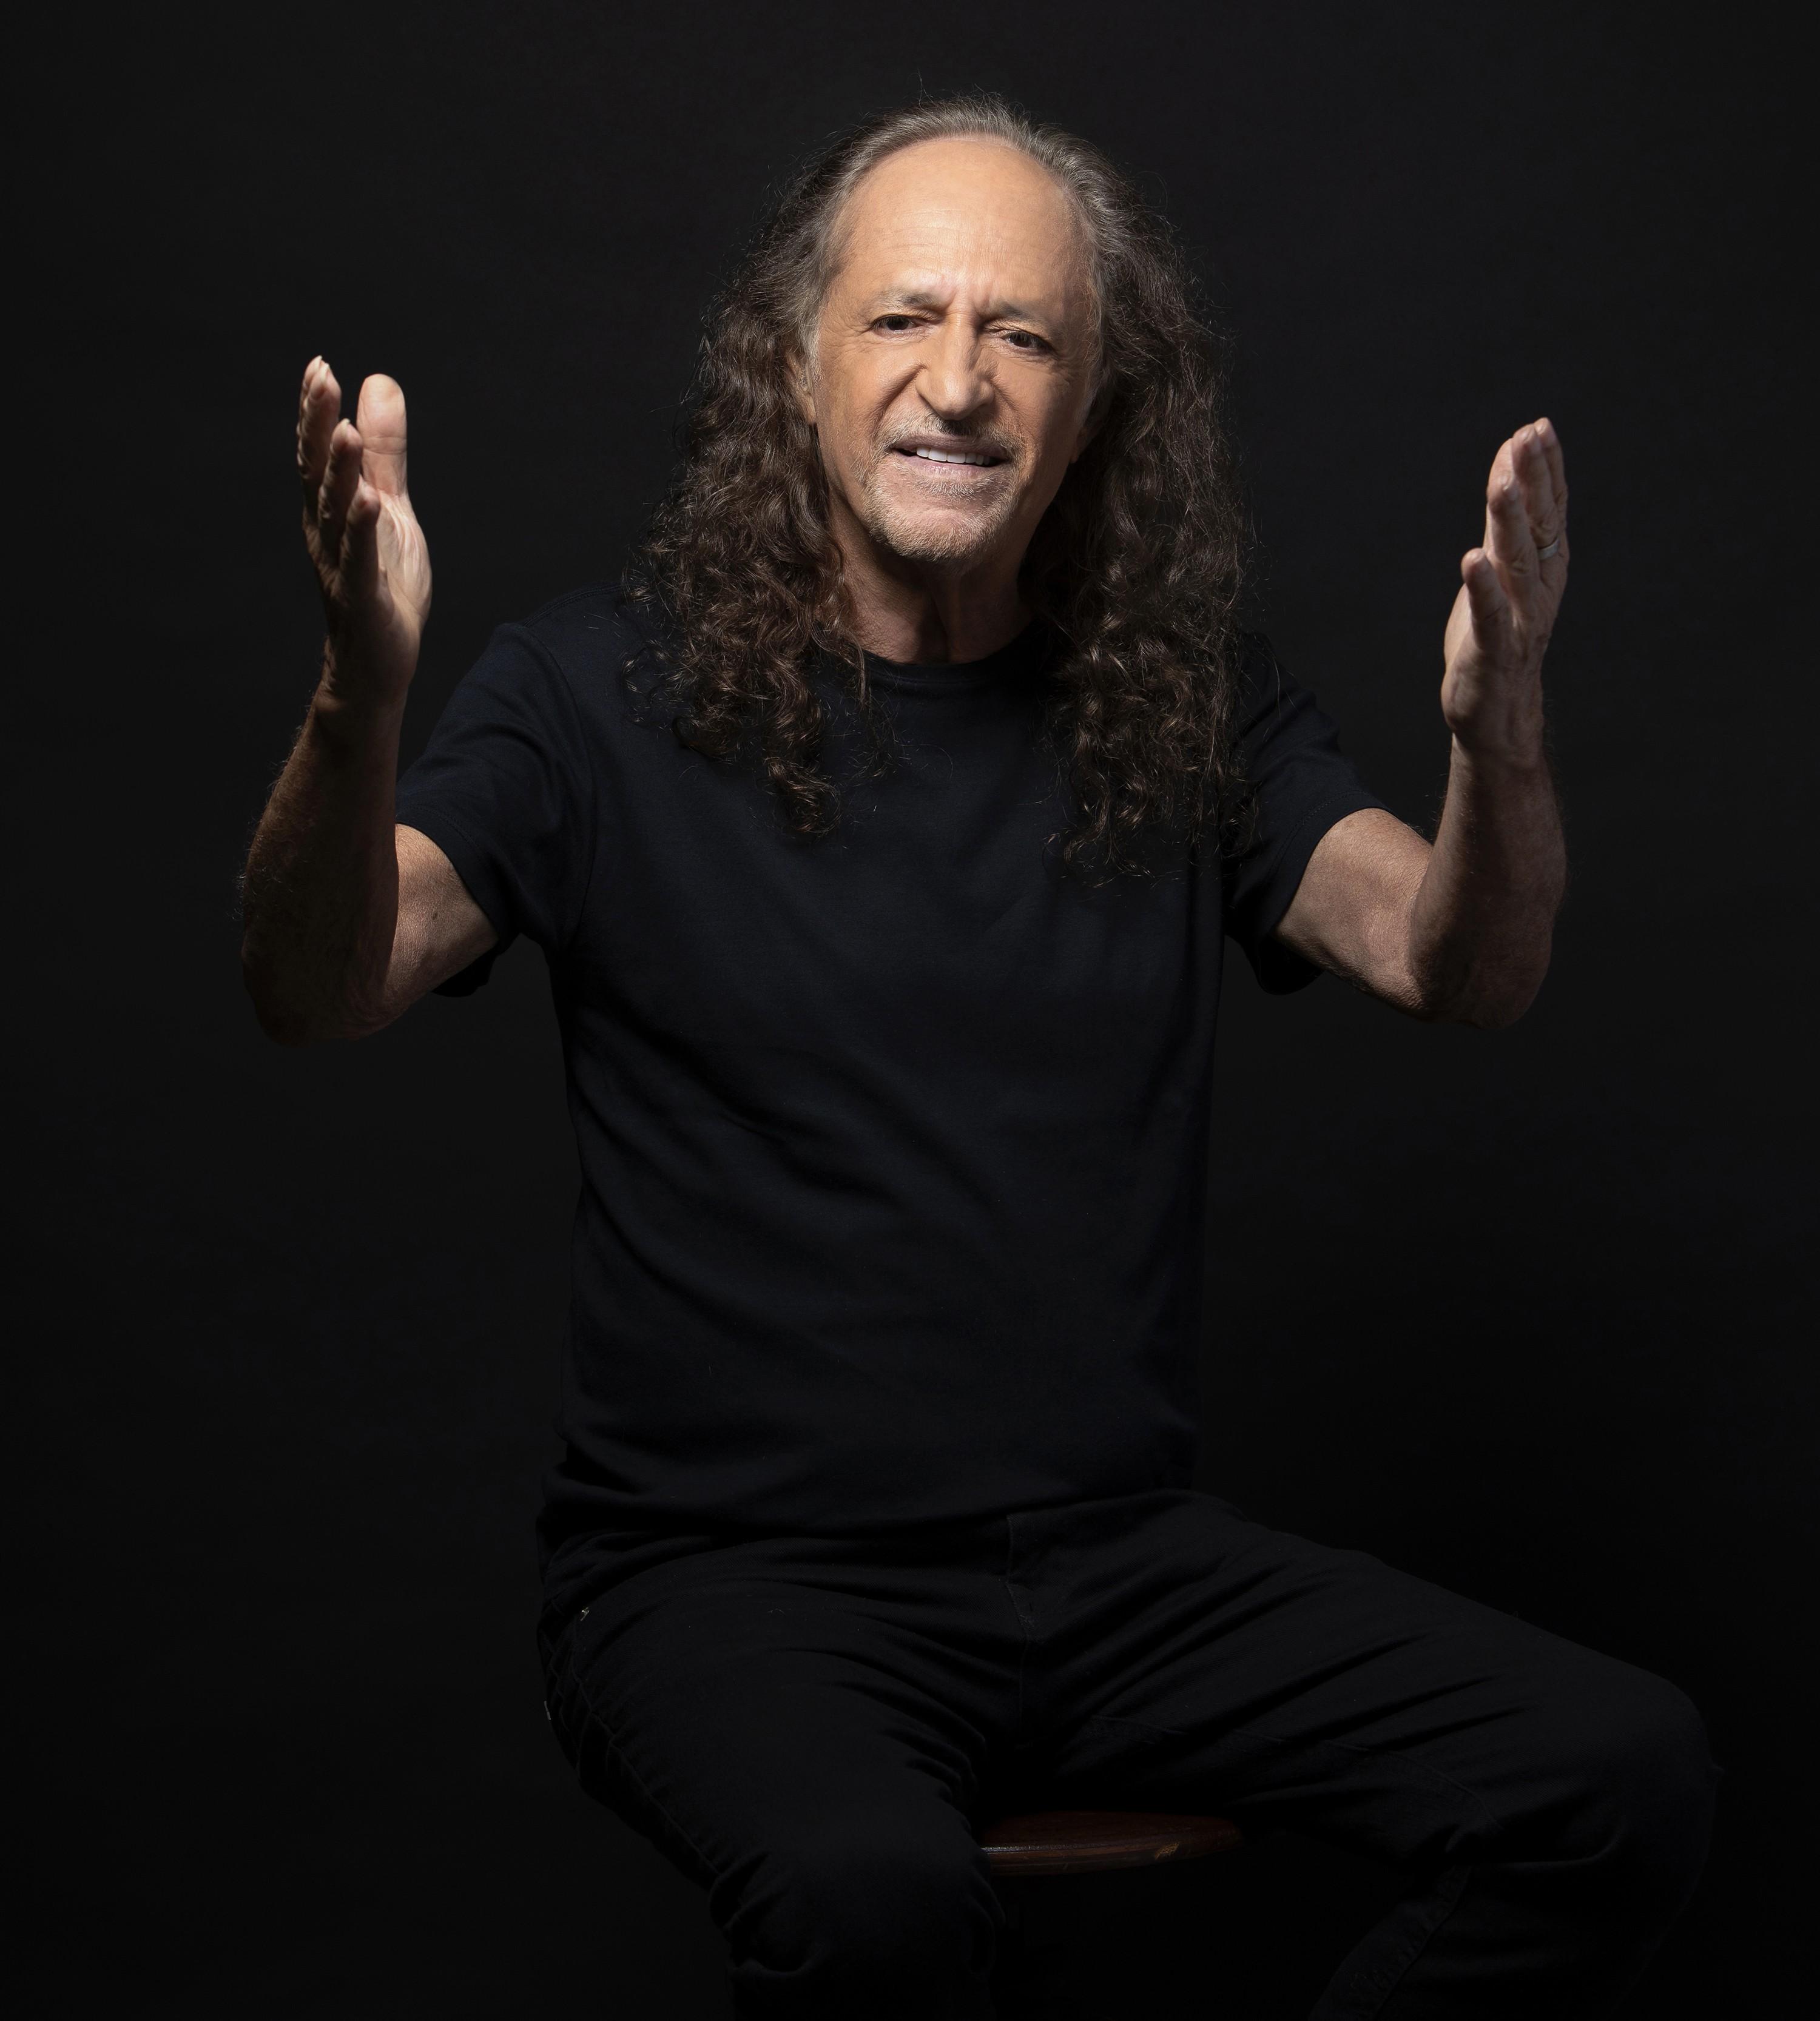 Alceu Valença grava um quarto álbum no formato de voz e violão com repertório autoral